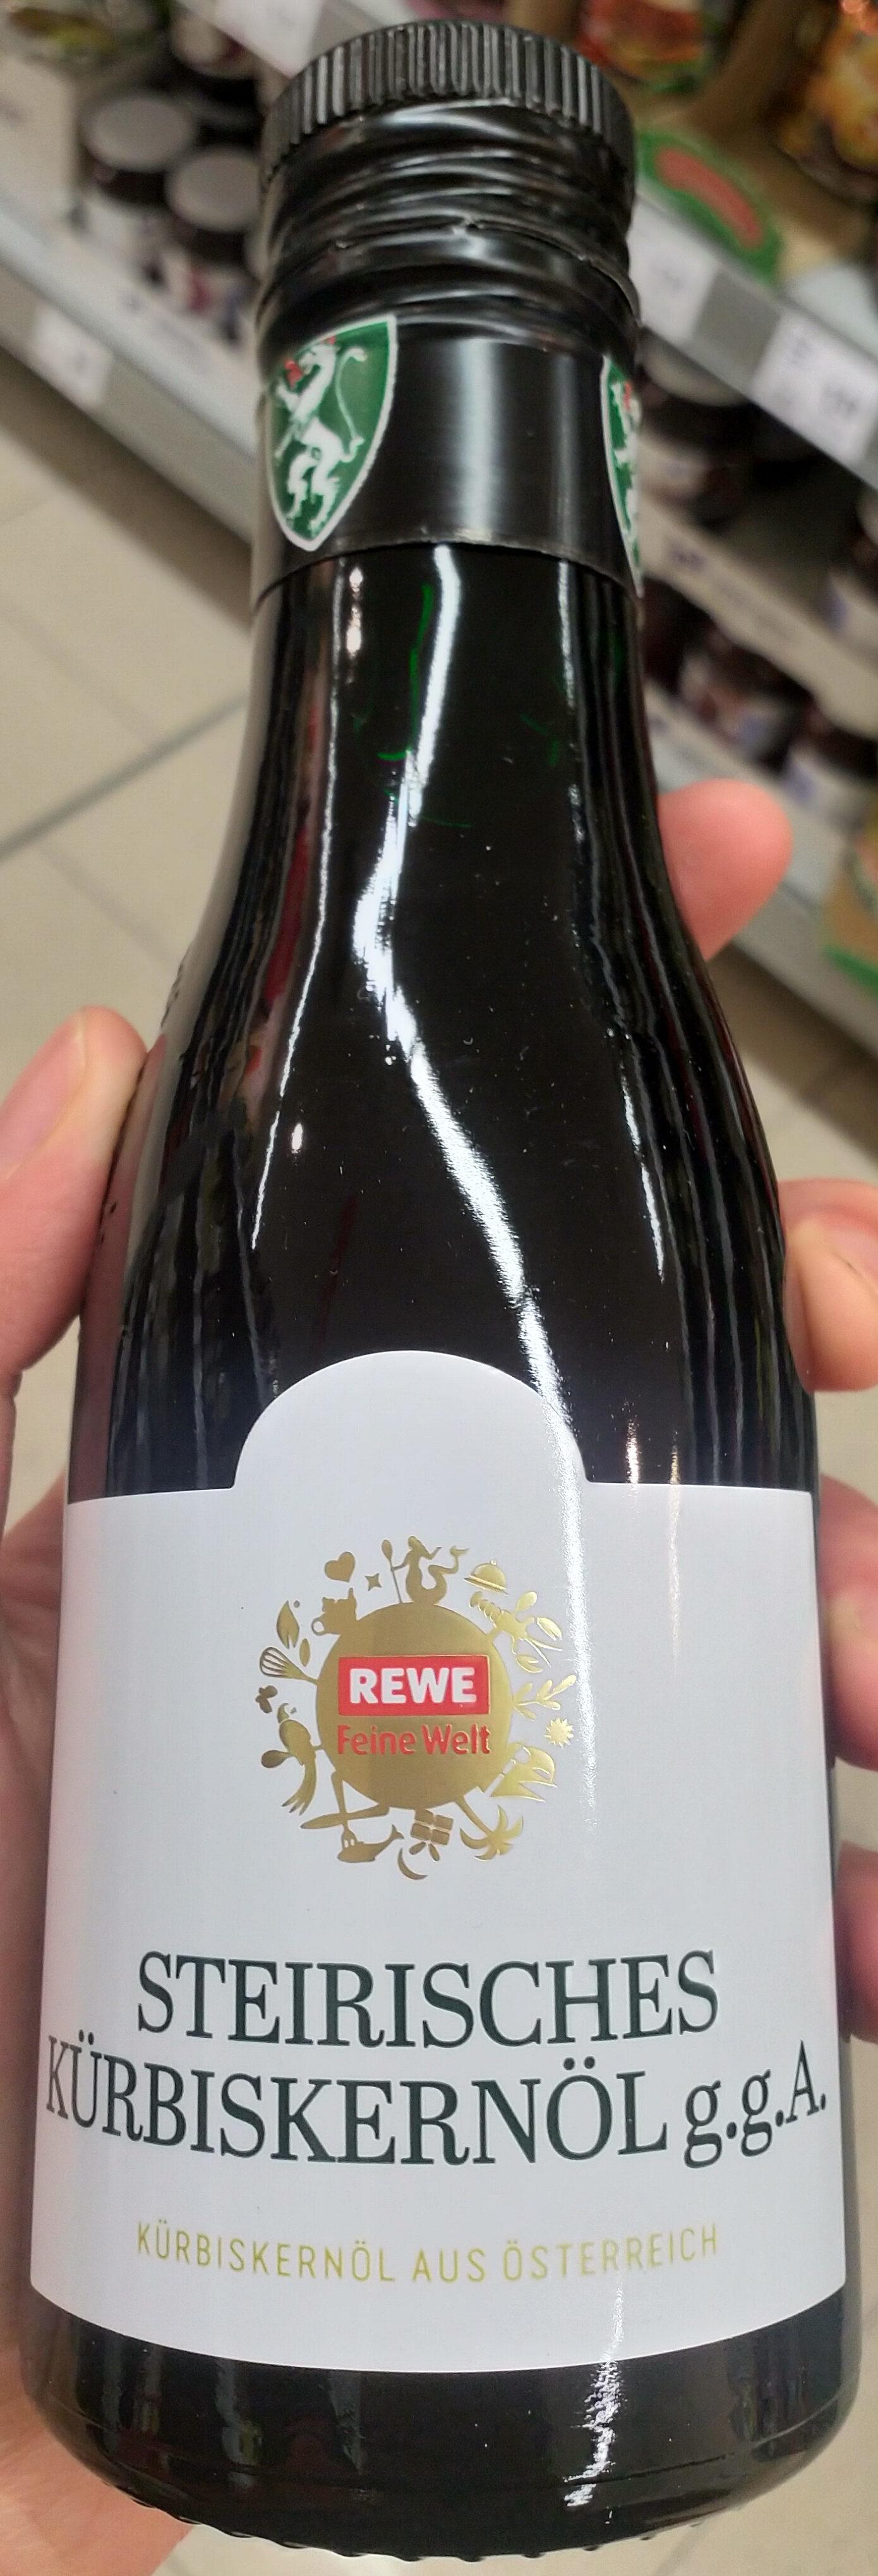 Steirisches Kürbiskernöl g. g. A. - Prodotto - de